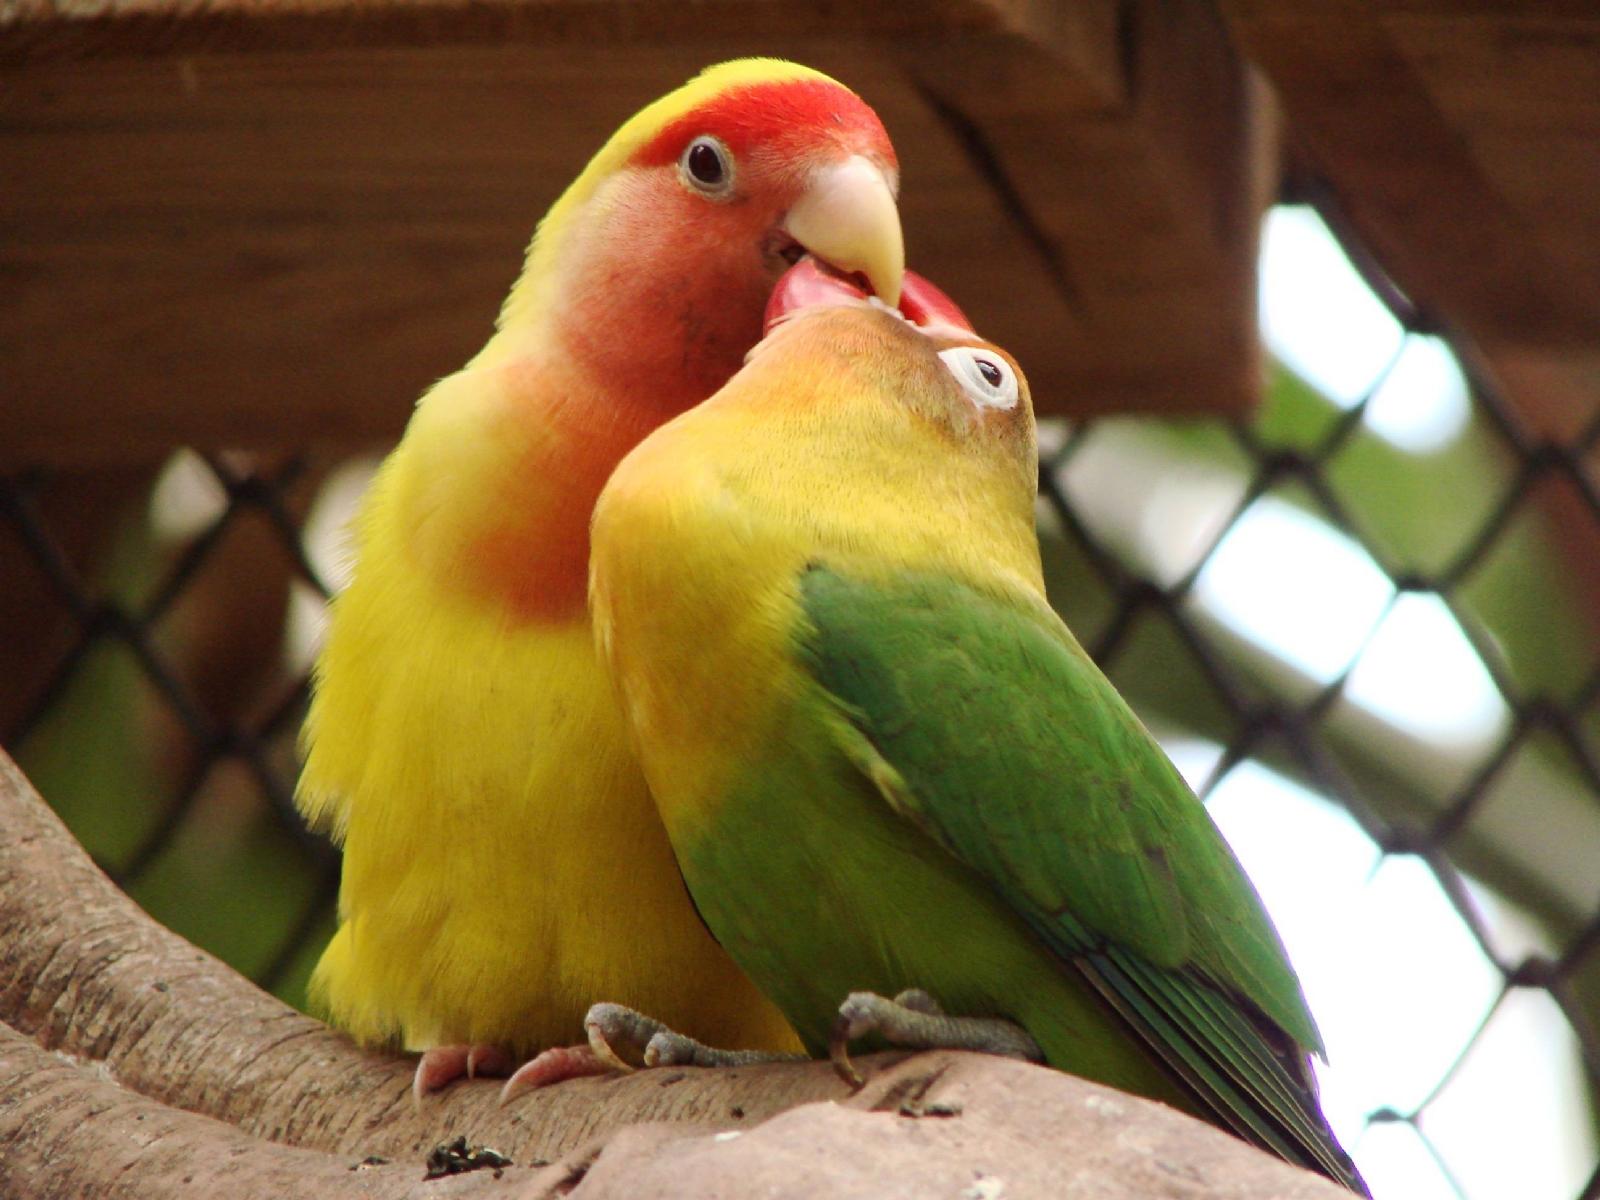 Un pájaro revive a otro que chocó contra un vidrio